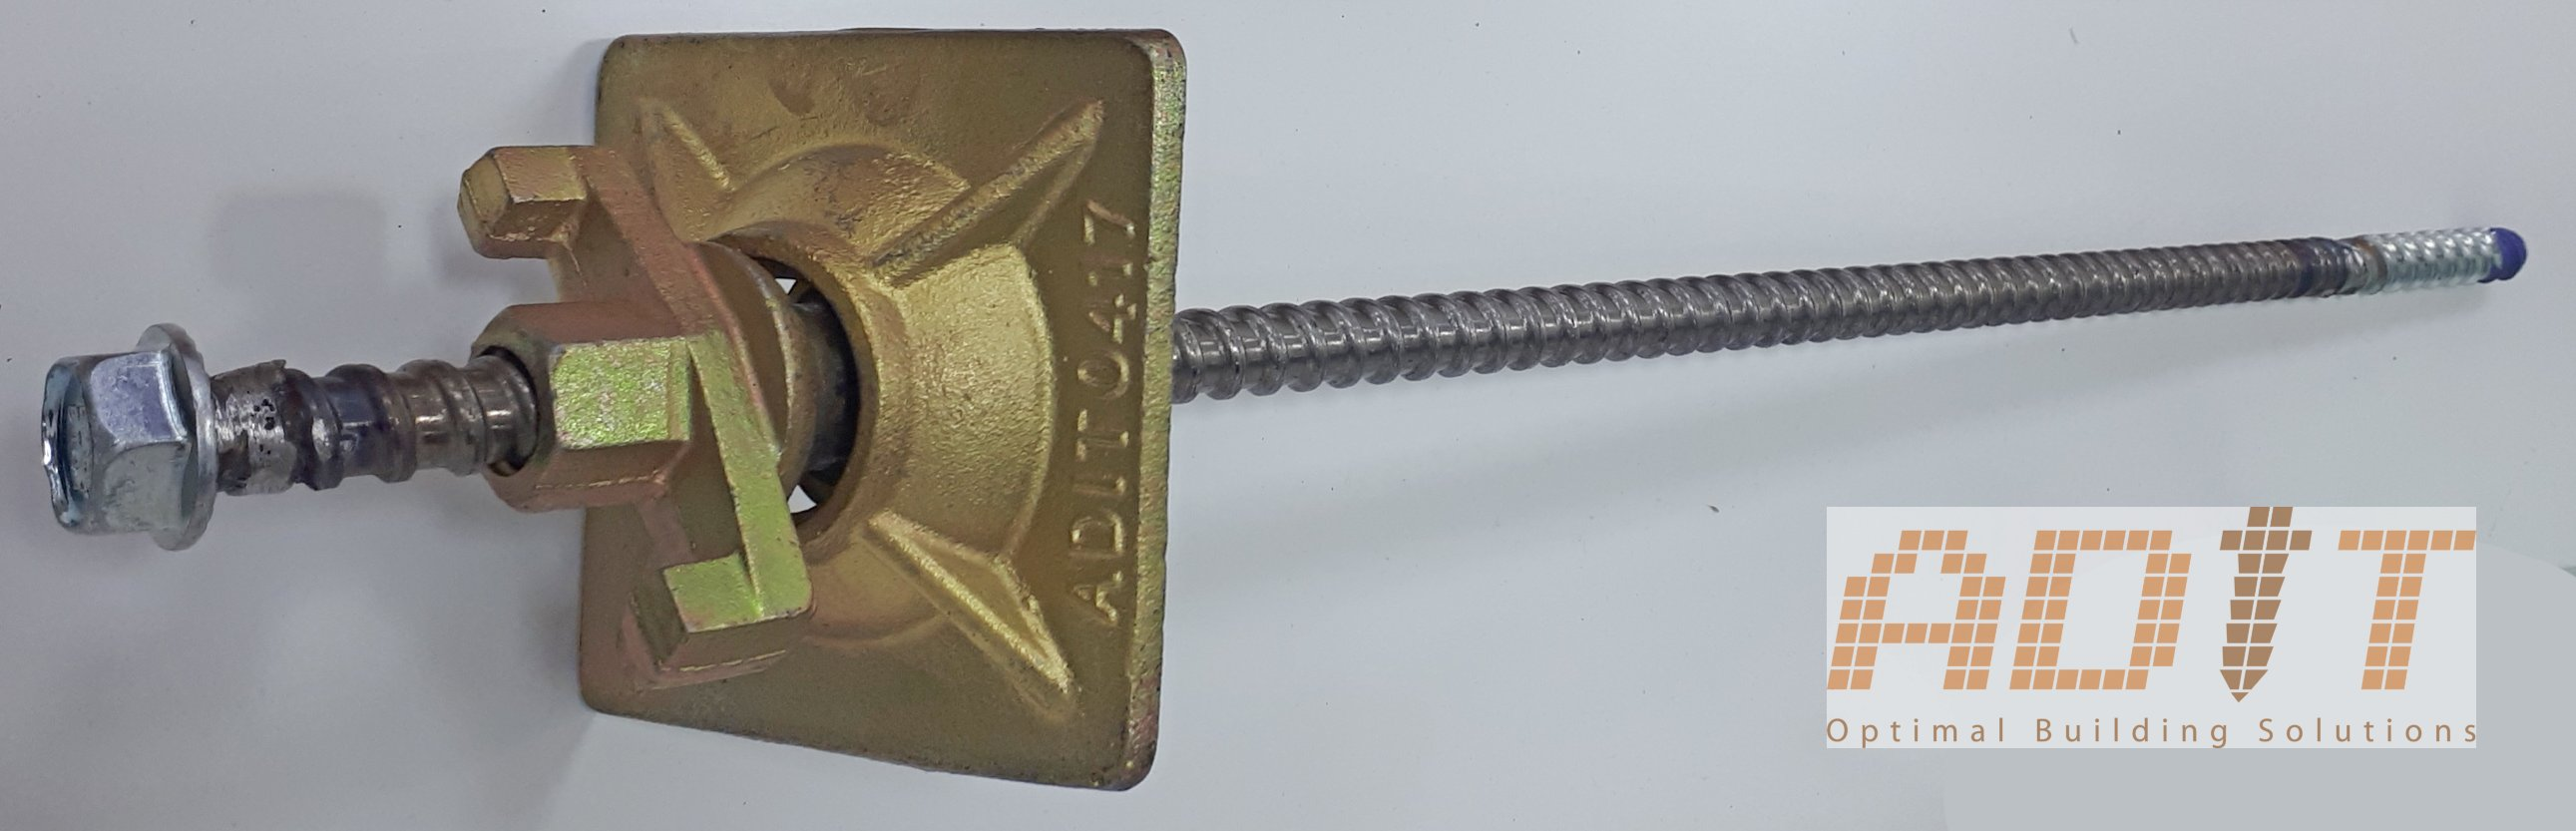 BTDAG Tie Rod Diwydag Screw Anchor